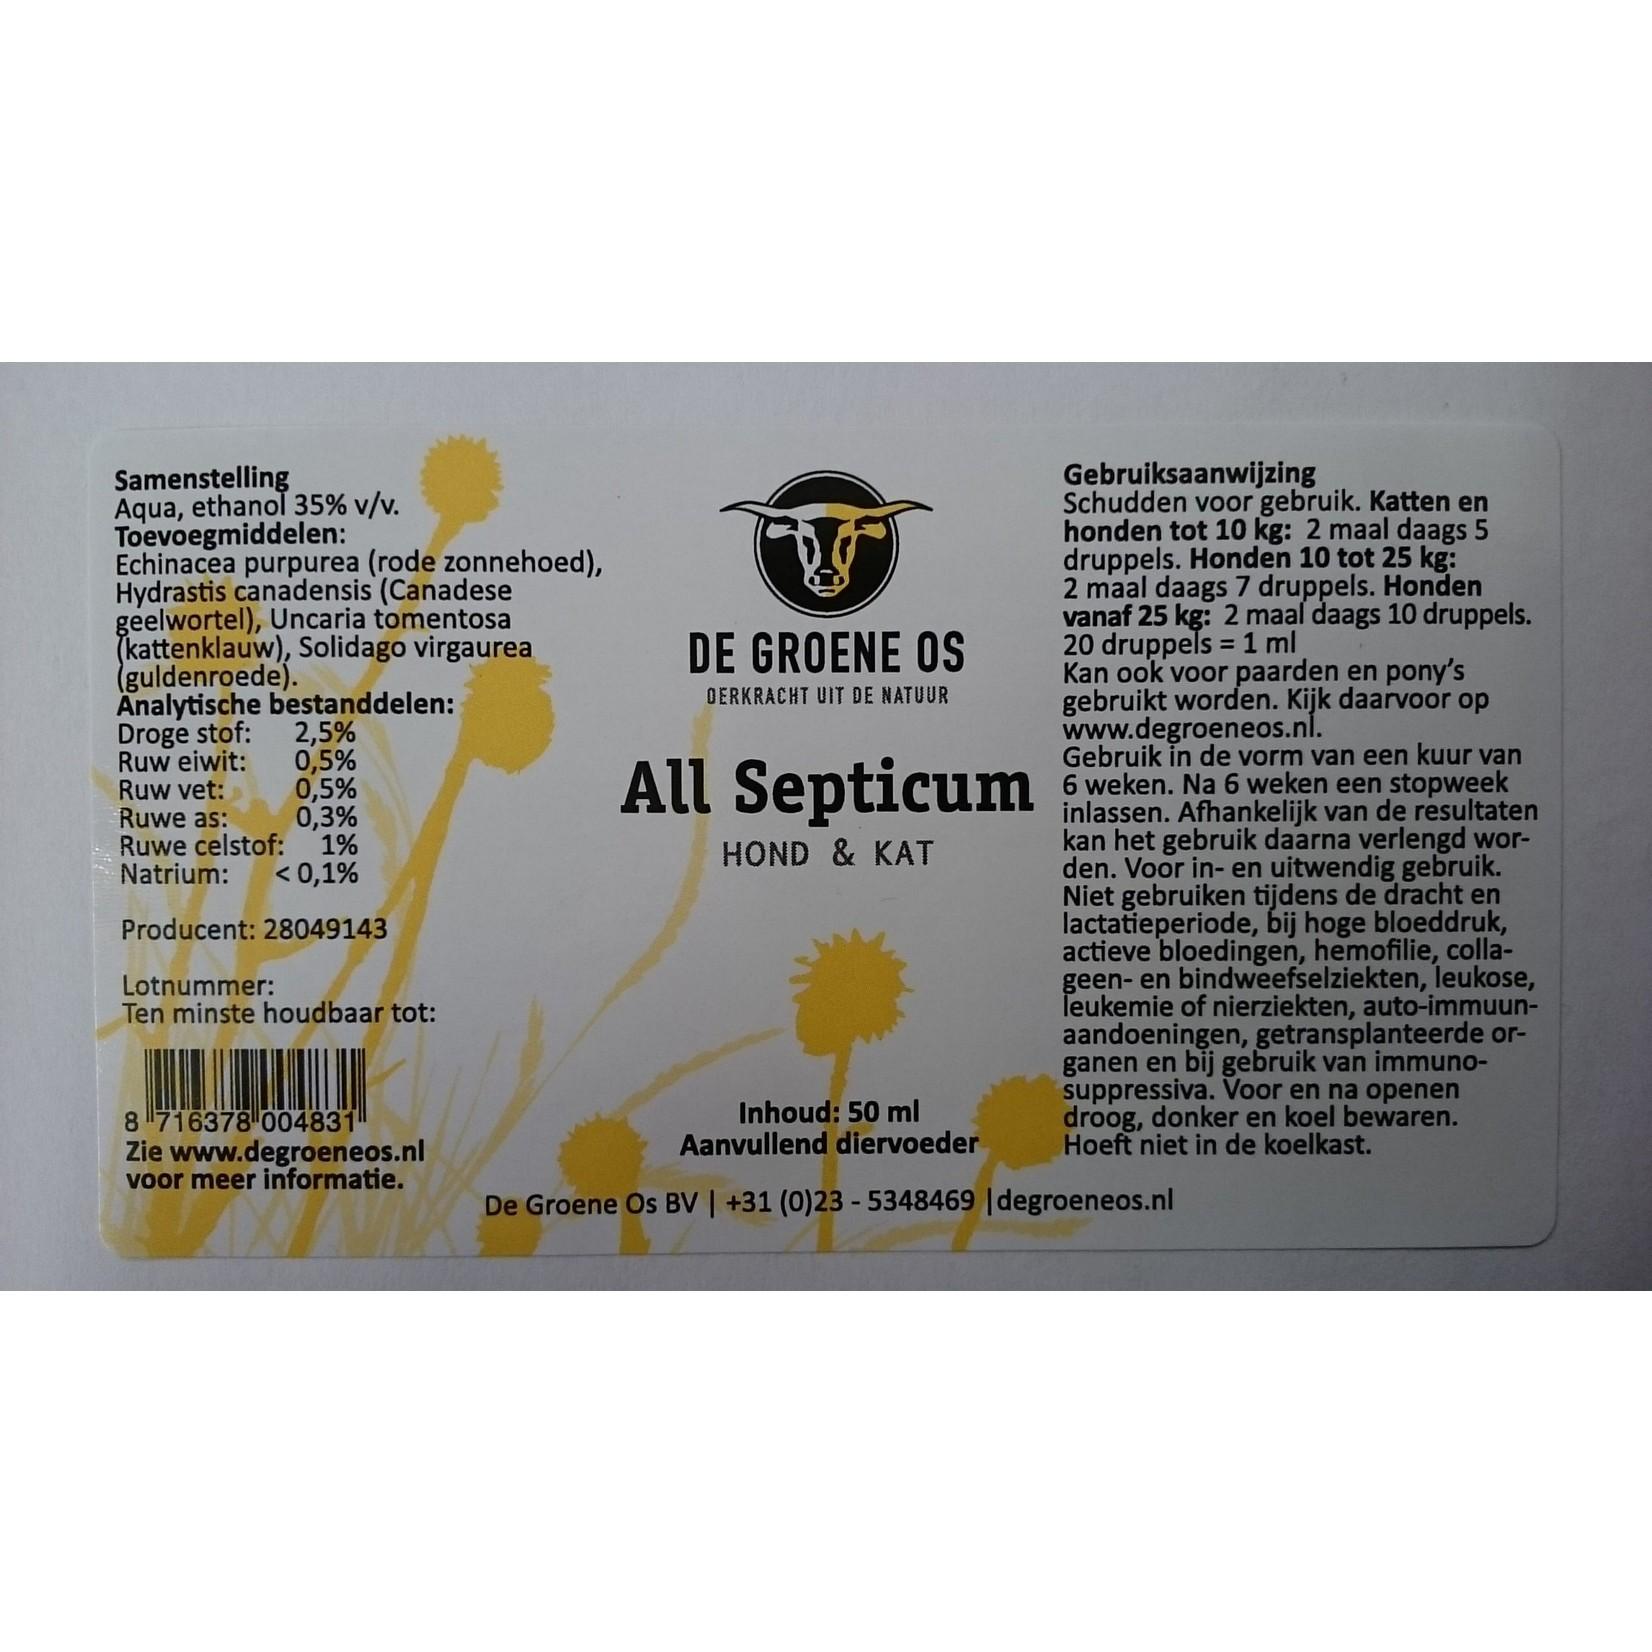 All Septicum